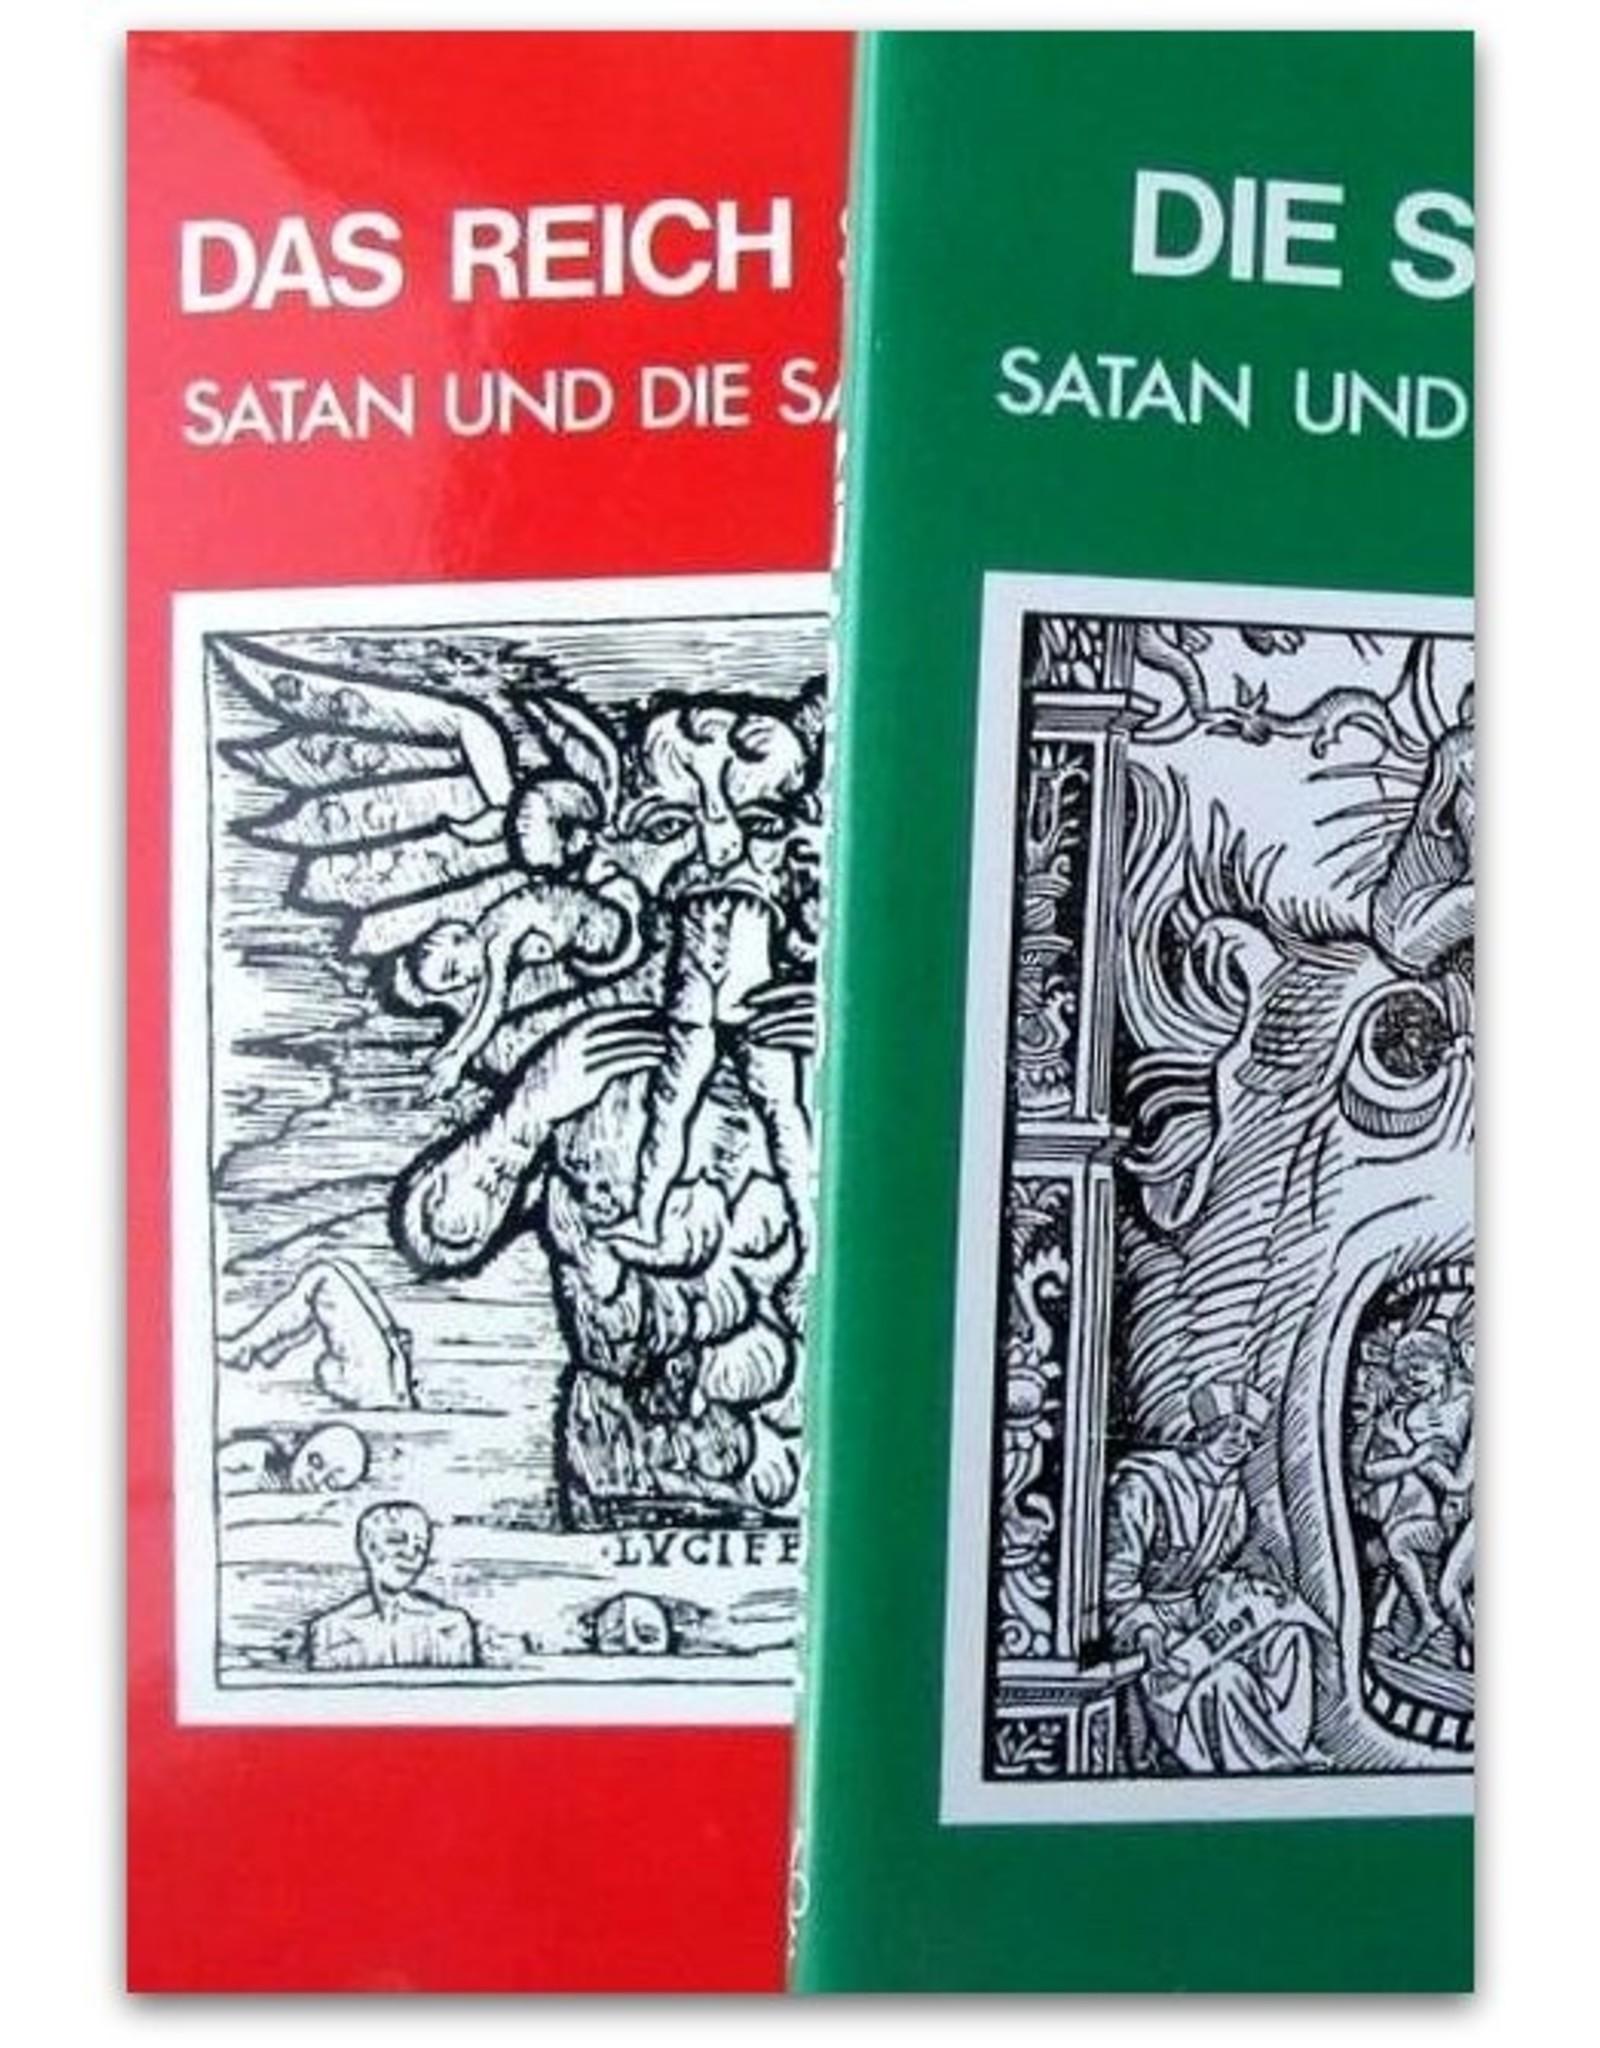 Karl R.H. Frick - Satan und die Satanisten [complete set] - Das Reich Satans [1], Die Satanisten [2], Satanismus und Freimaurerei [3]